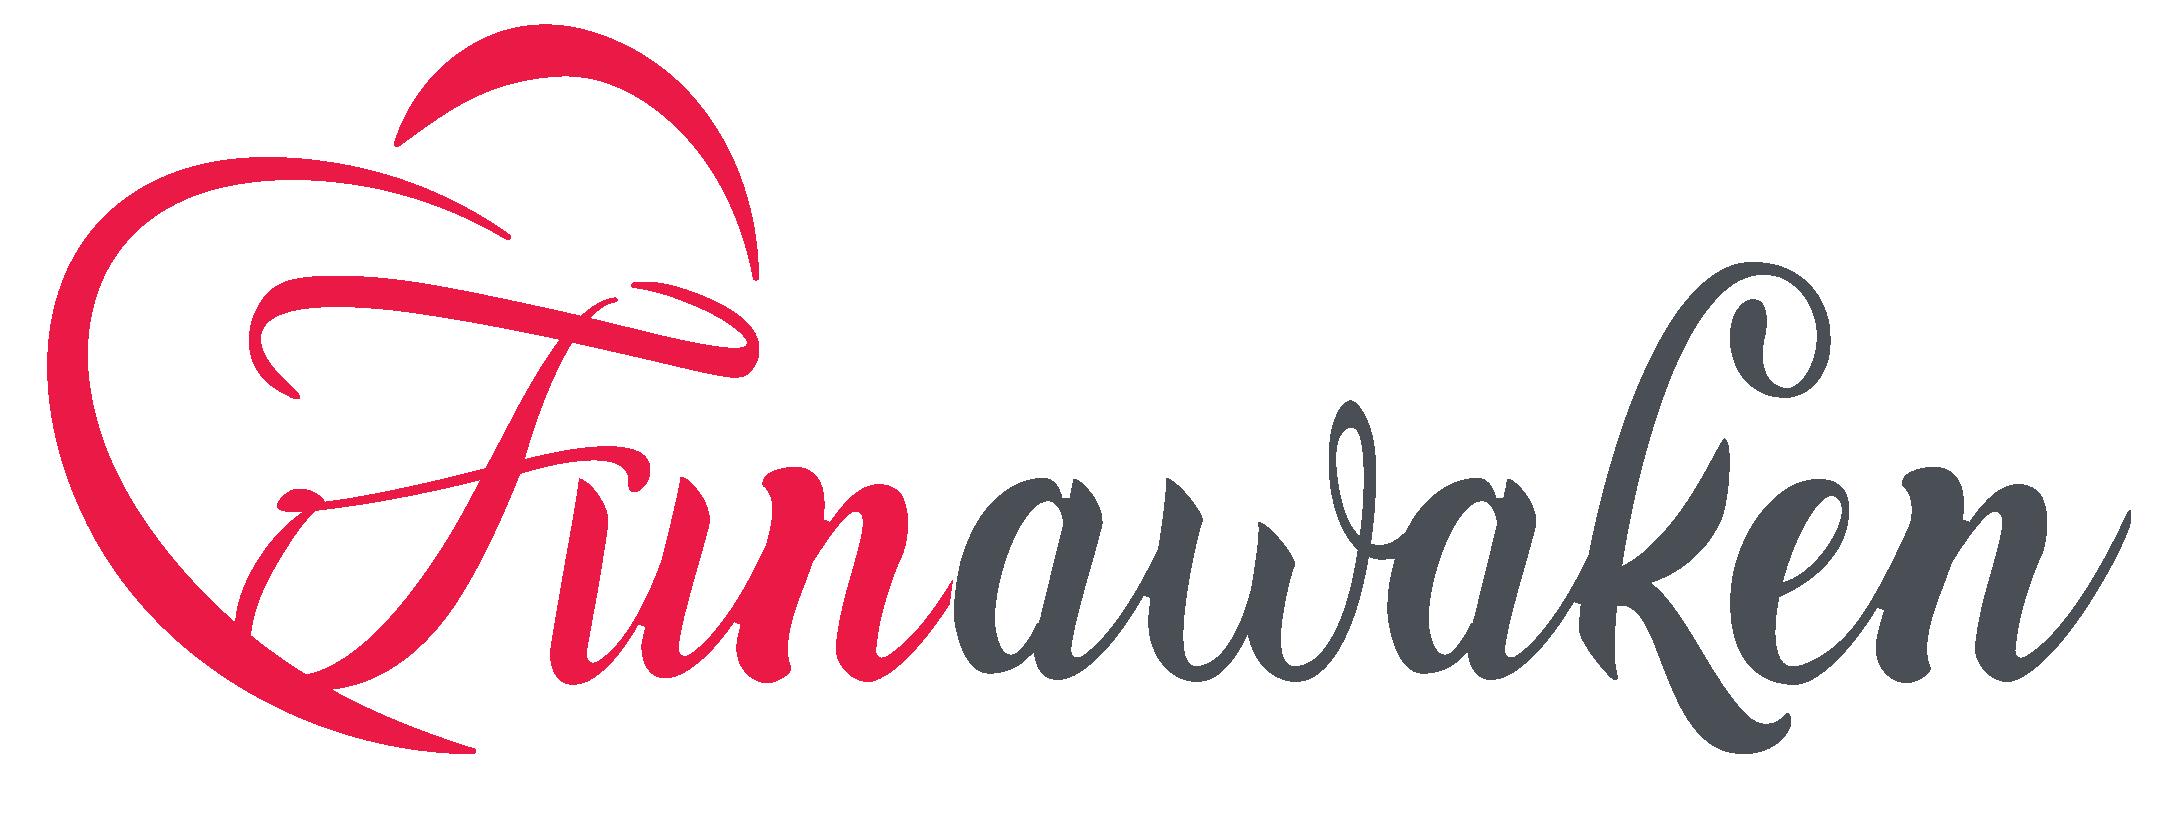 Funawaken